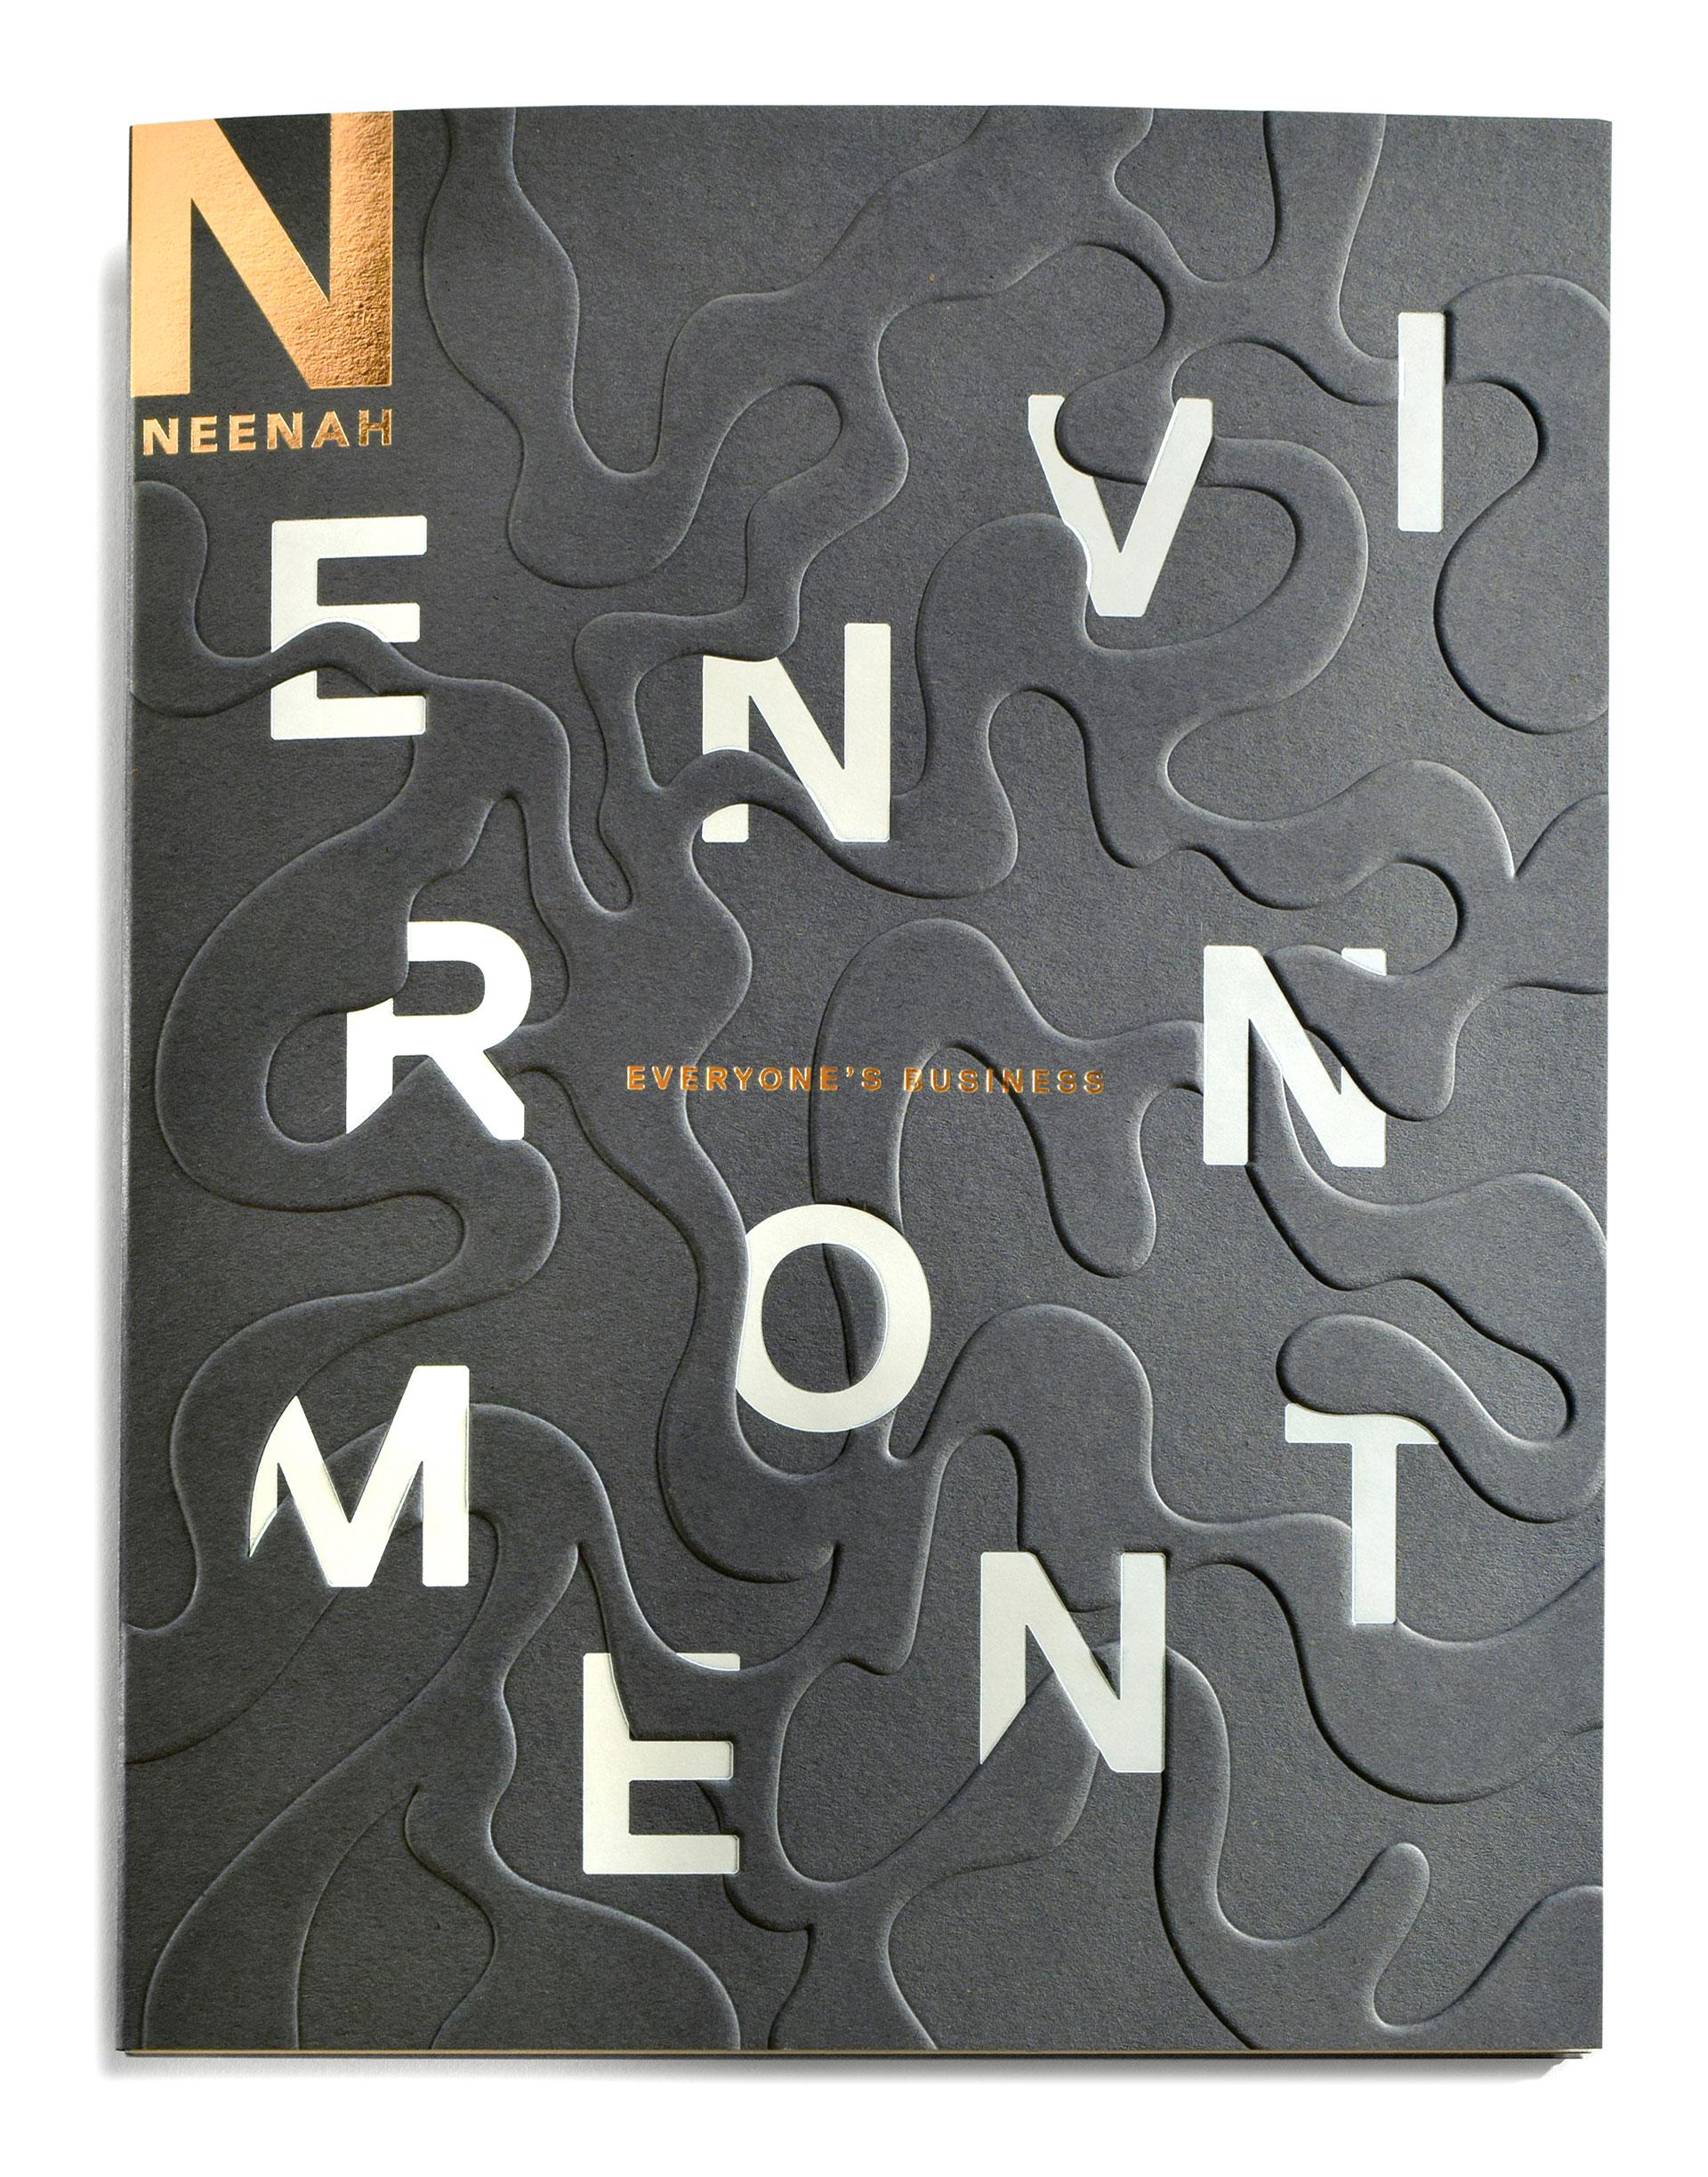 neenah-environment-1